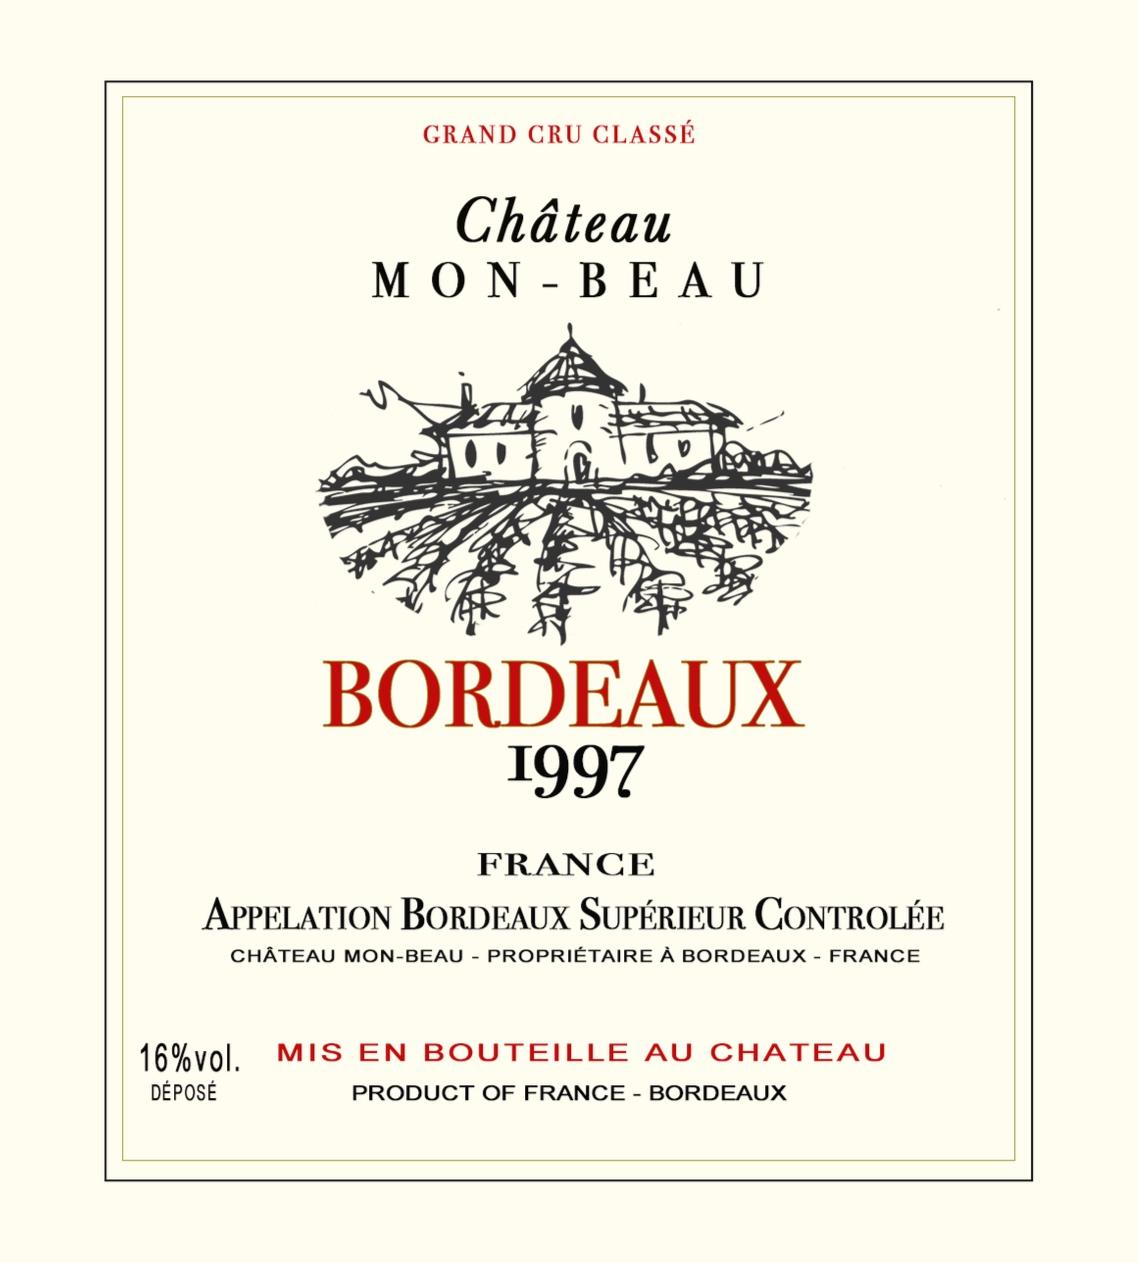 wine_bordeaux_label.jpg